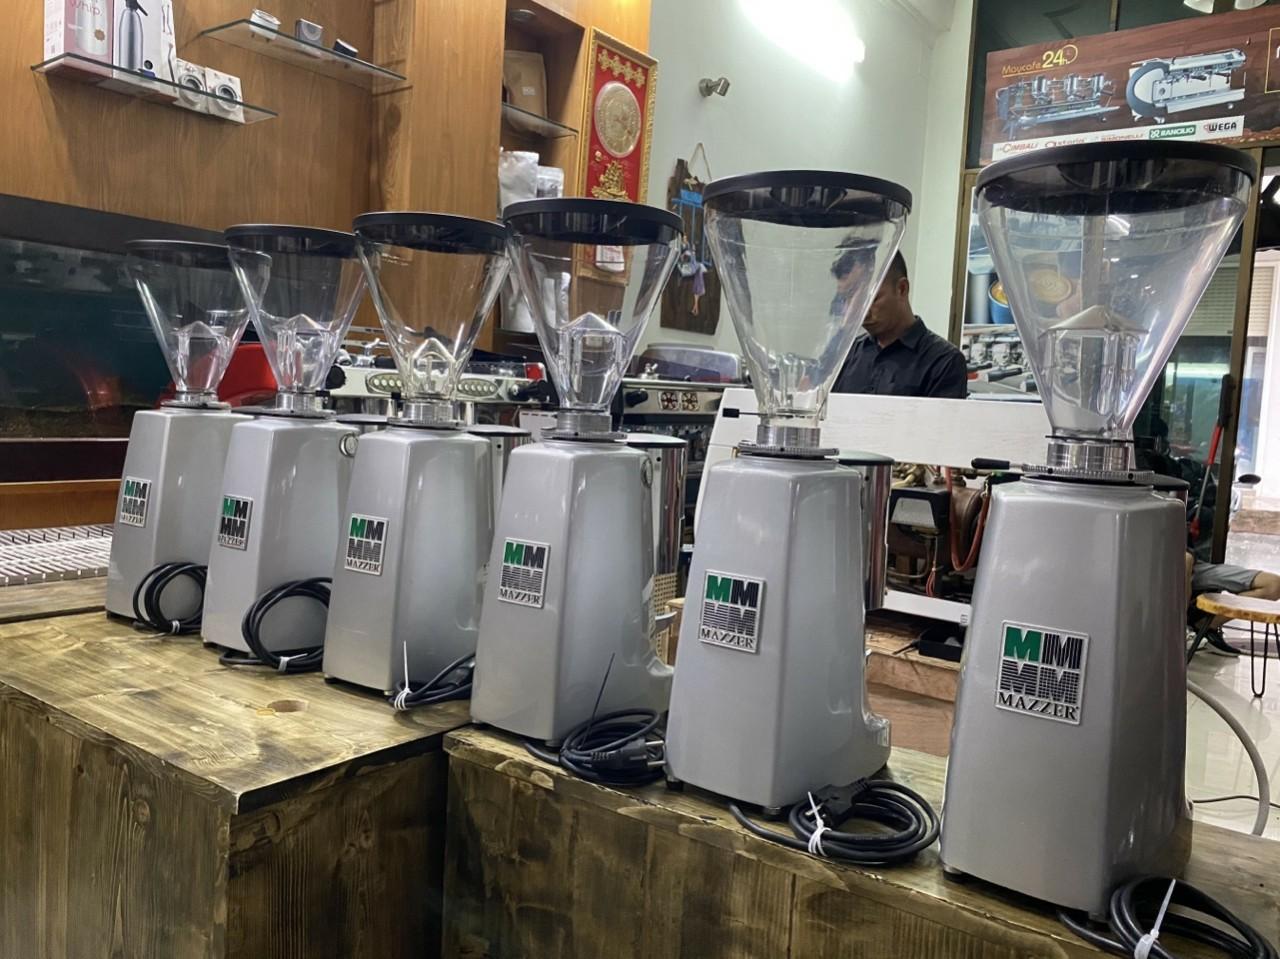 MÁY XAY CÀ PHÊ| Máy xay cà phê chính hãng| Máy xay cà phê hạt cao cấp